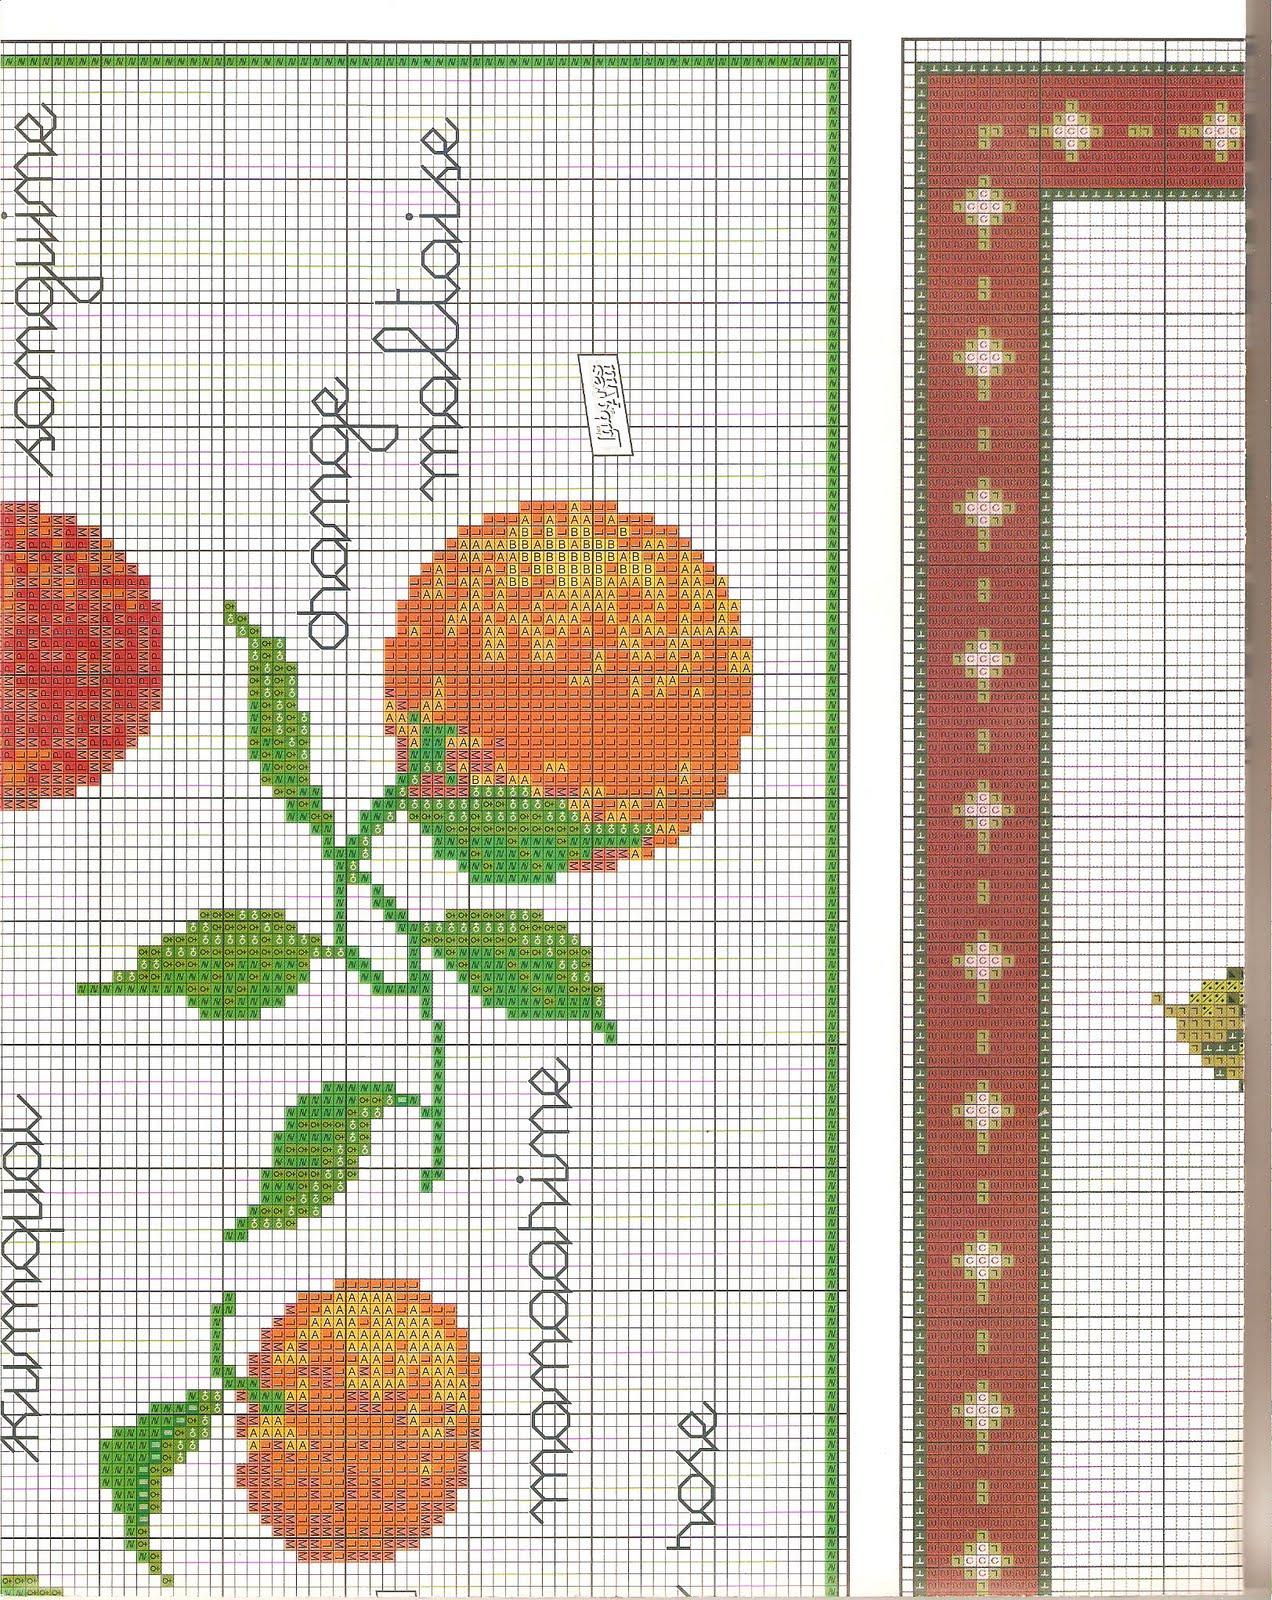 Ricamo schema punto croce la frutta in cucina 1 for Ricamo punto croce schemi gratis